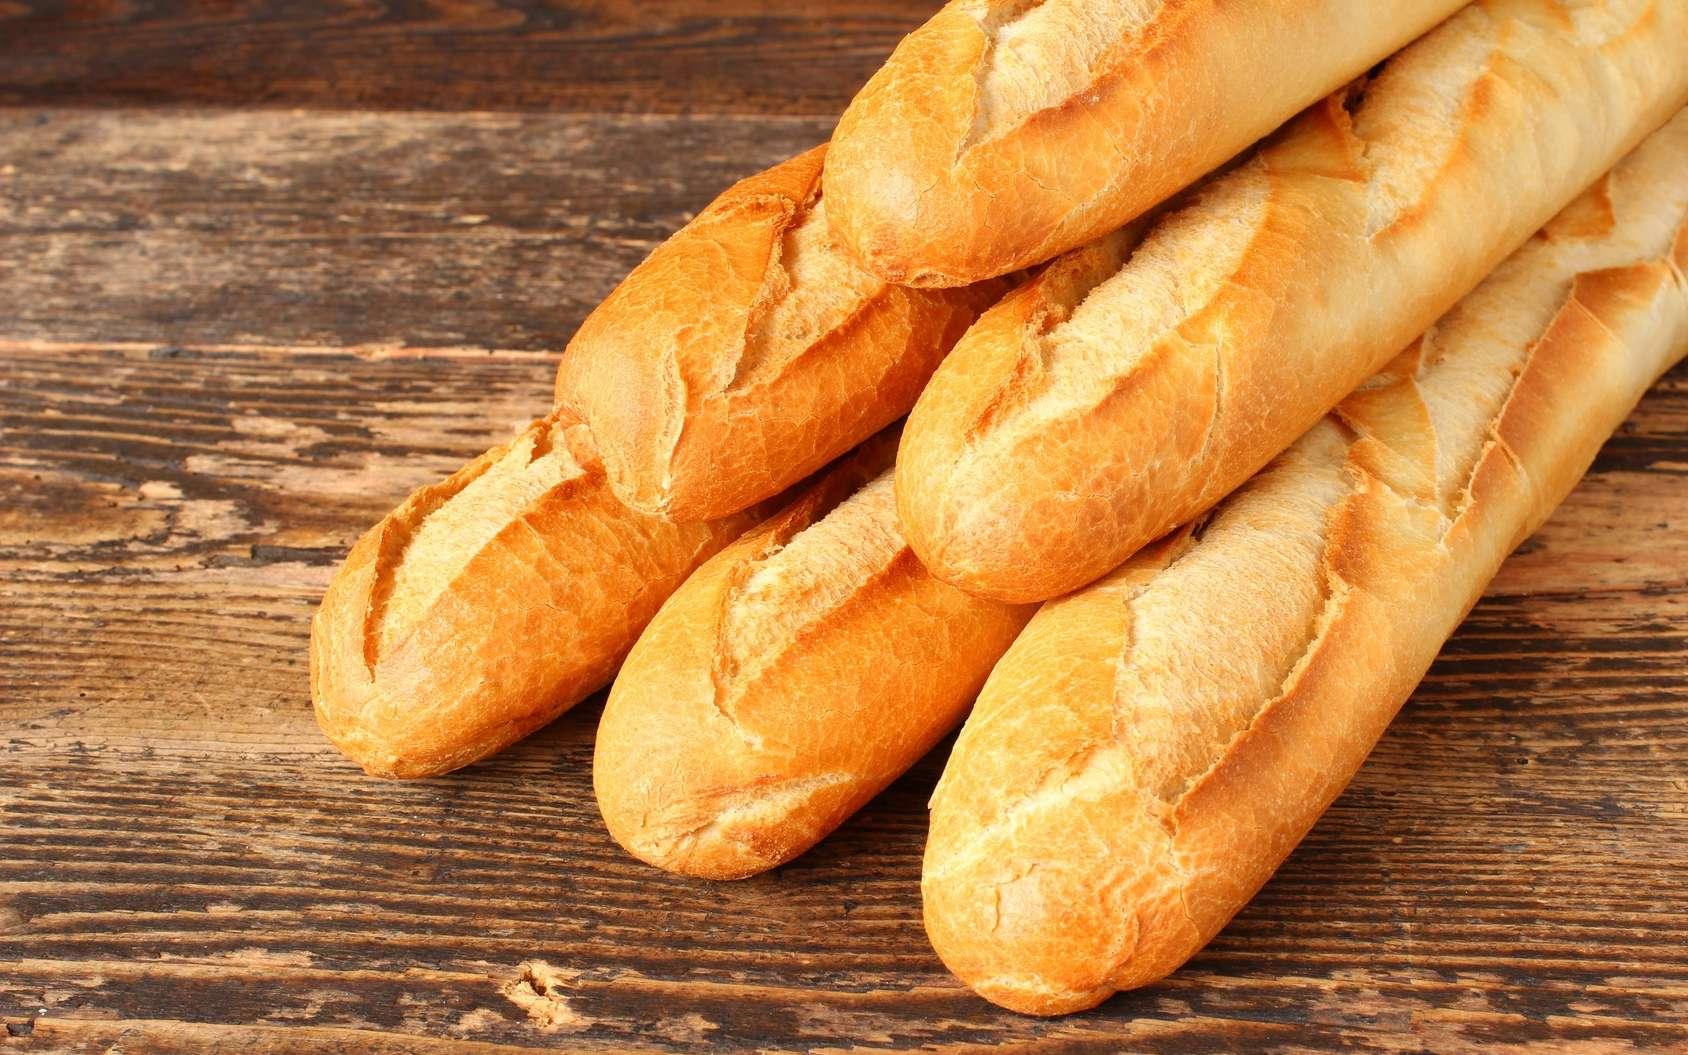 La baguette de pain blanc est un aliment avec un index glycémique (IG) élevé. © fototheobald, Fotolia